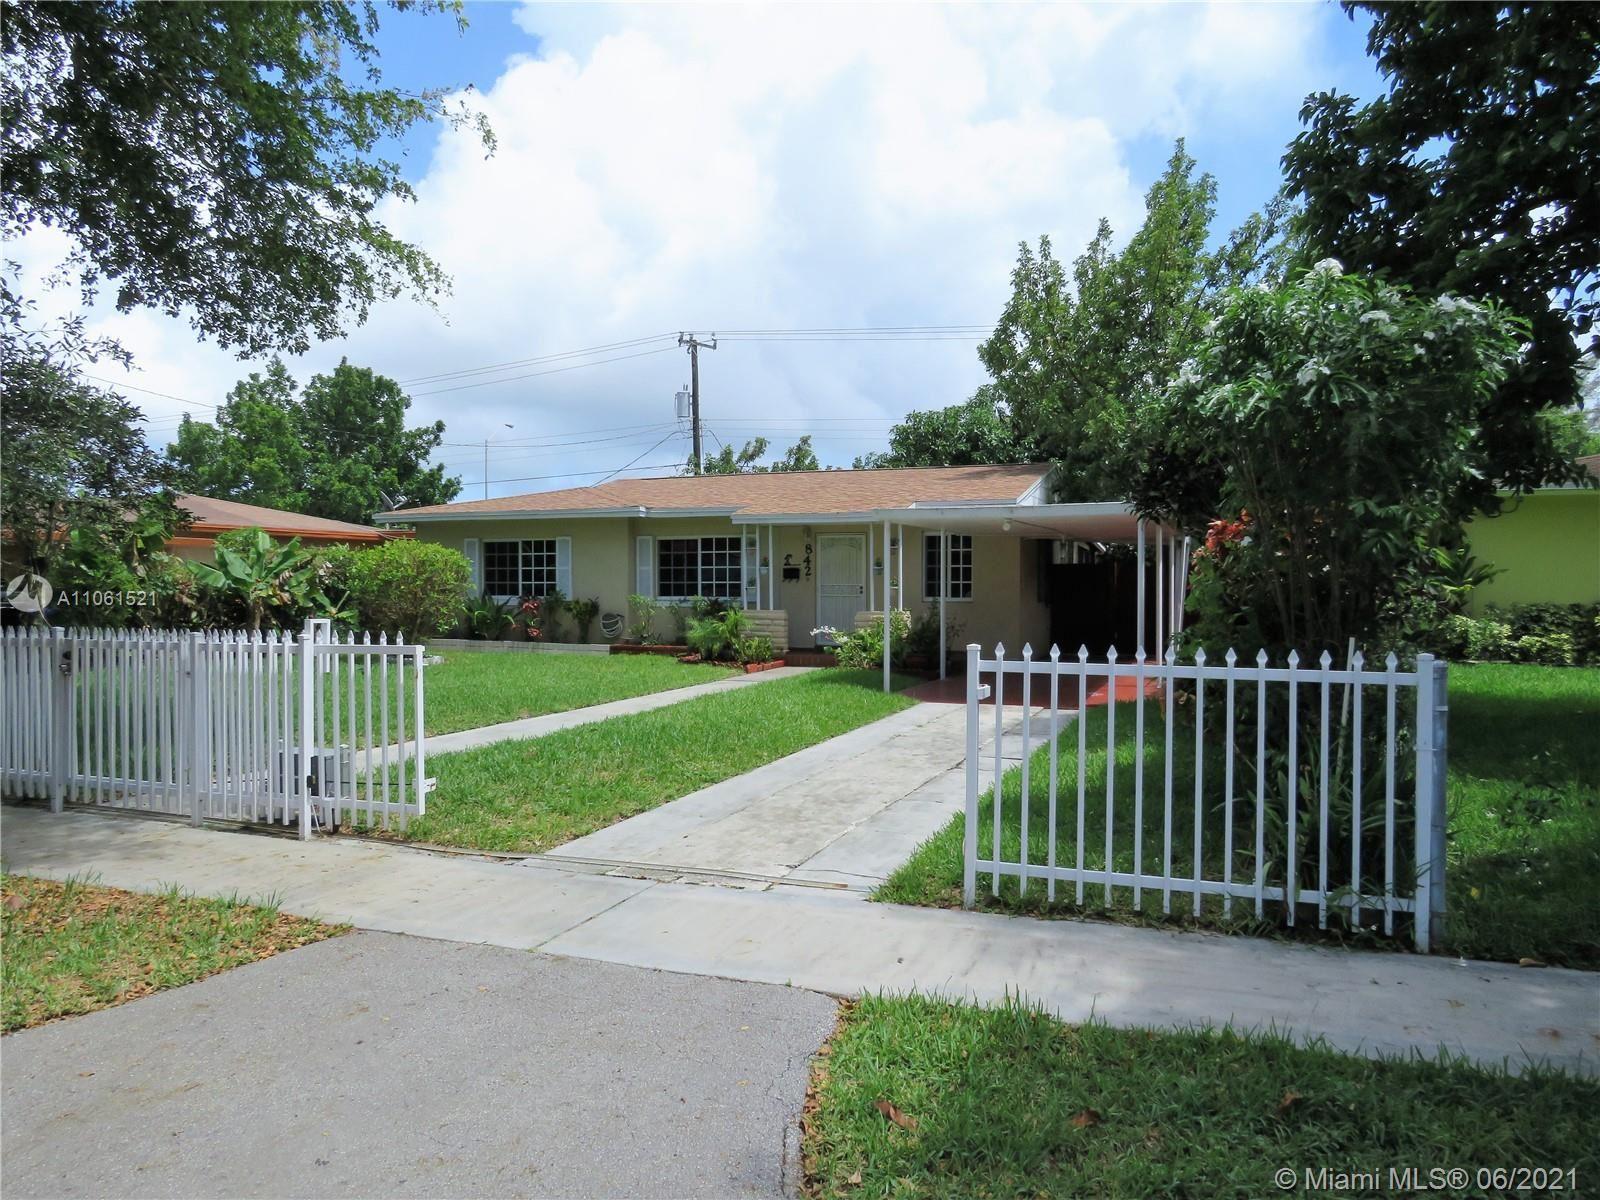 842 NE 160th St, North Miami Beach, FL 33162 - #: A11061521